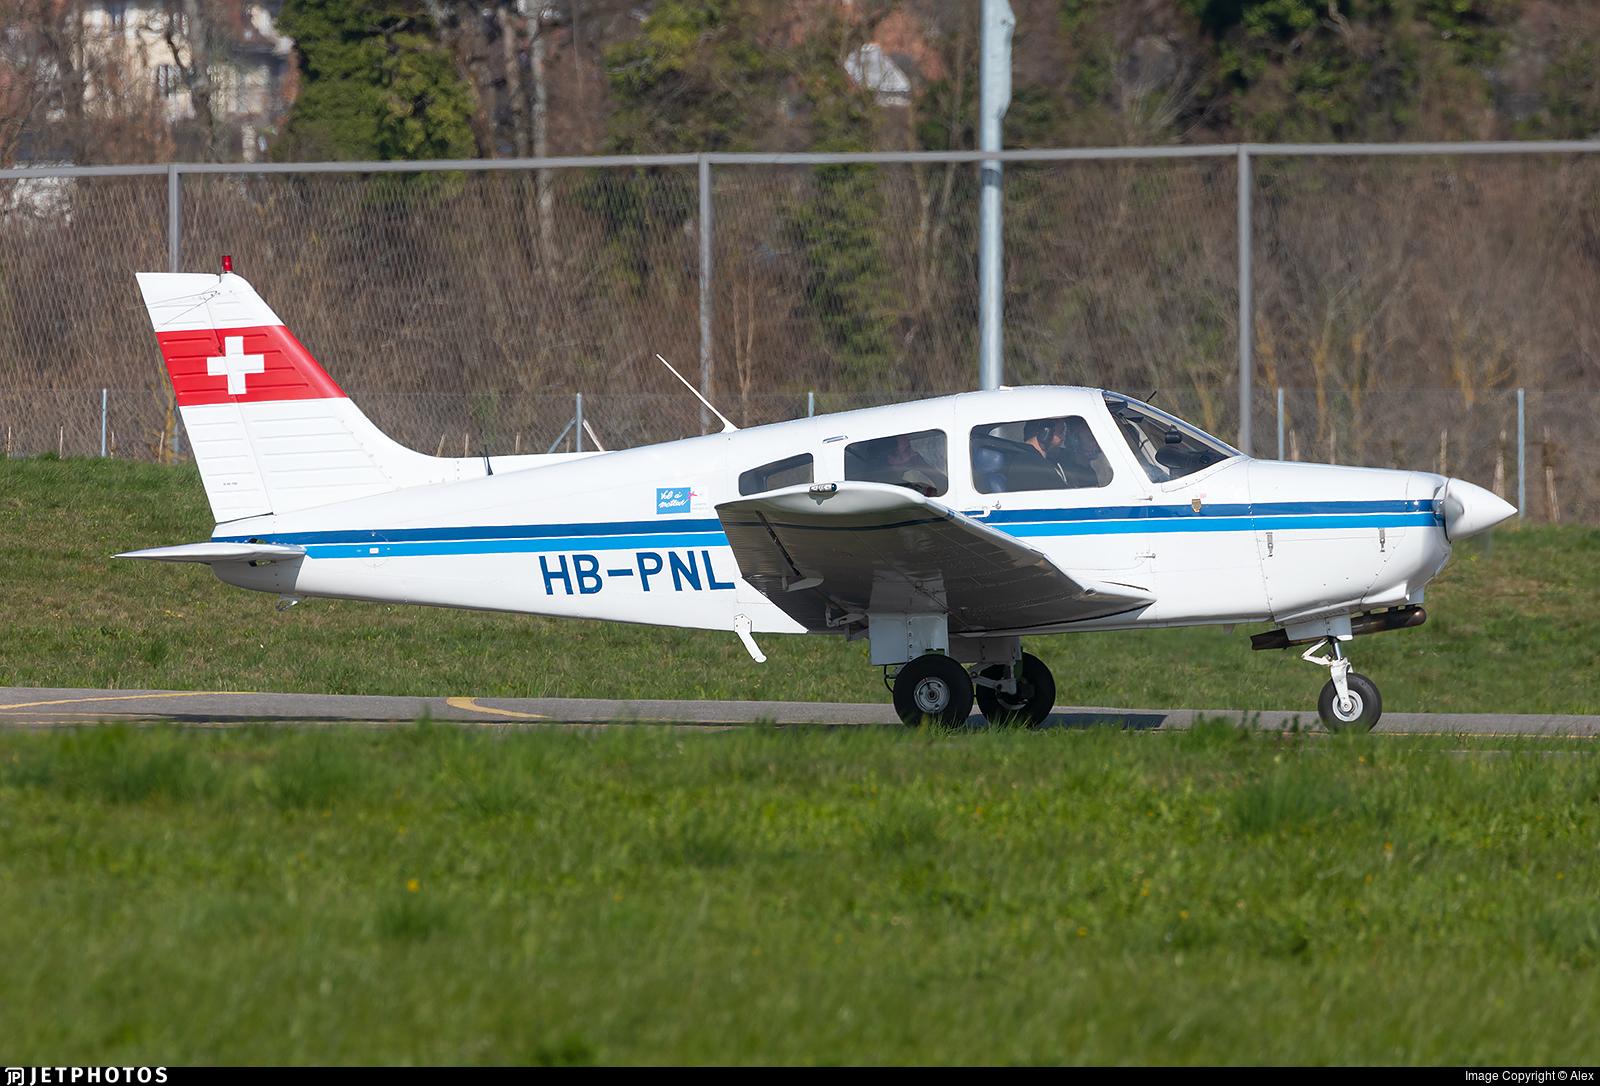 HB-PNL - Piper PA-28-161 Warrior II - Groupement de Vol à Moteur Lausanne